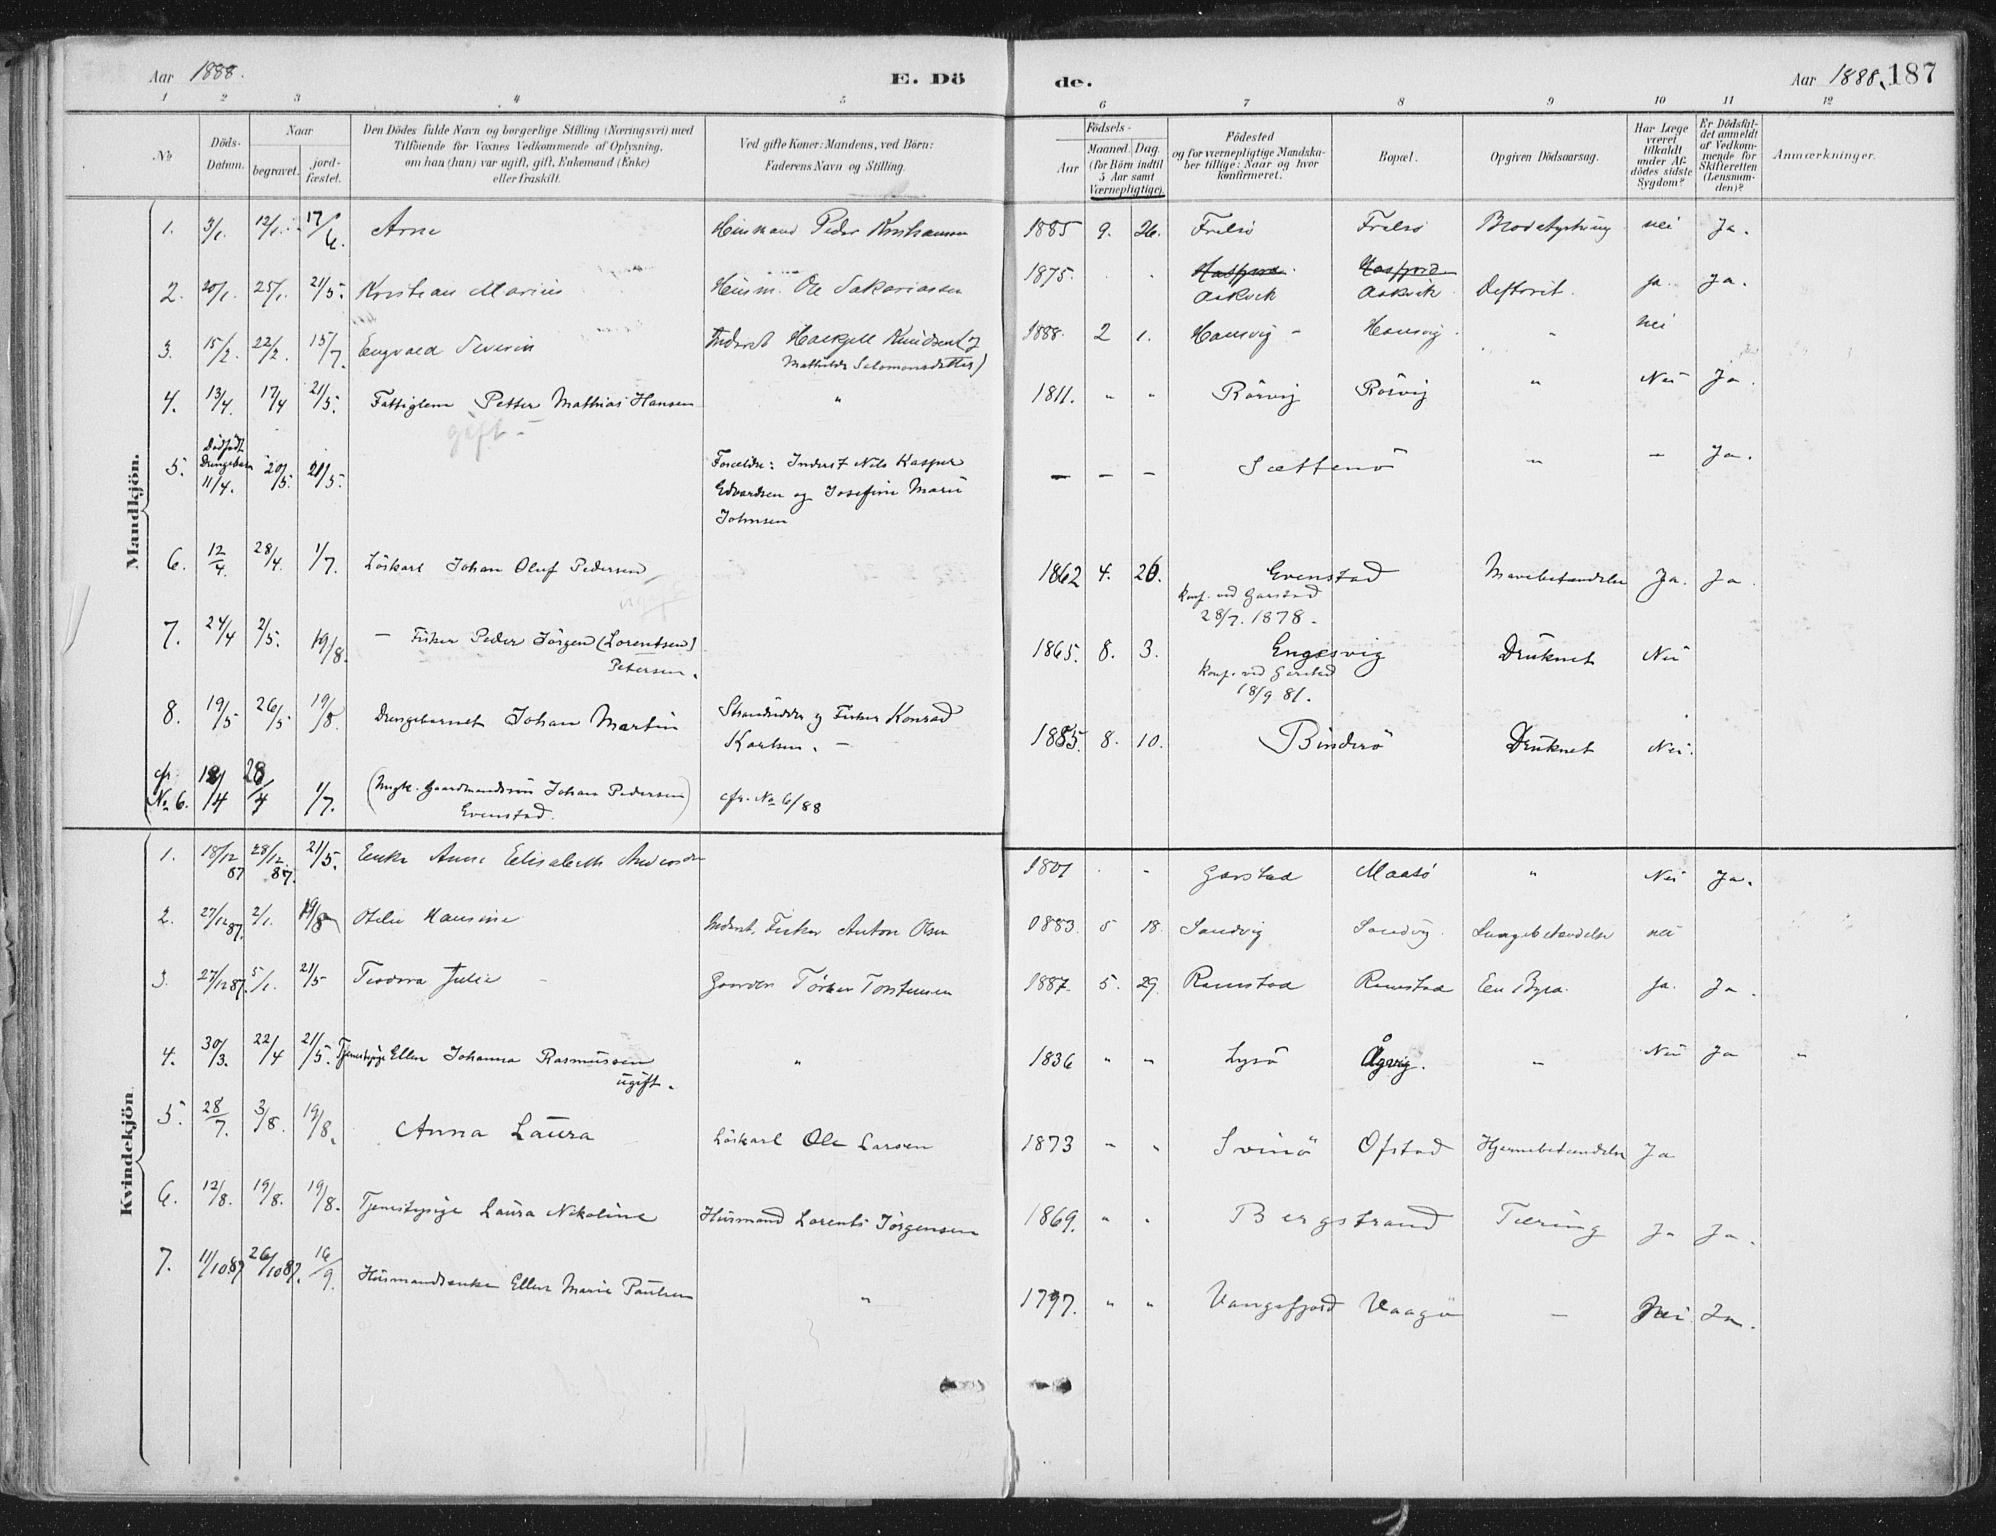 SAT, Ministerialprotokoller, klokkerbøker og fødselsregistre - Nord-Trøndelag, 786/L0687: Ministerialbok nr. 786A03, 1888-1898, s. 187